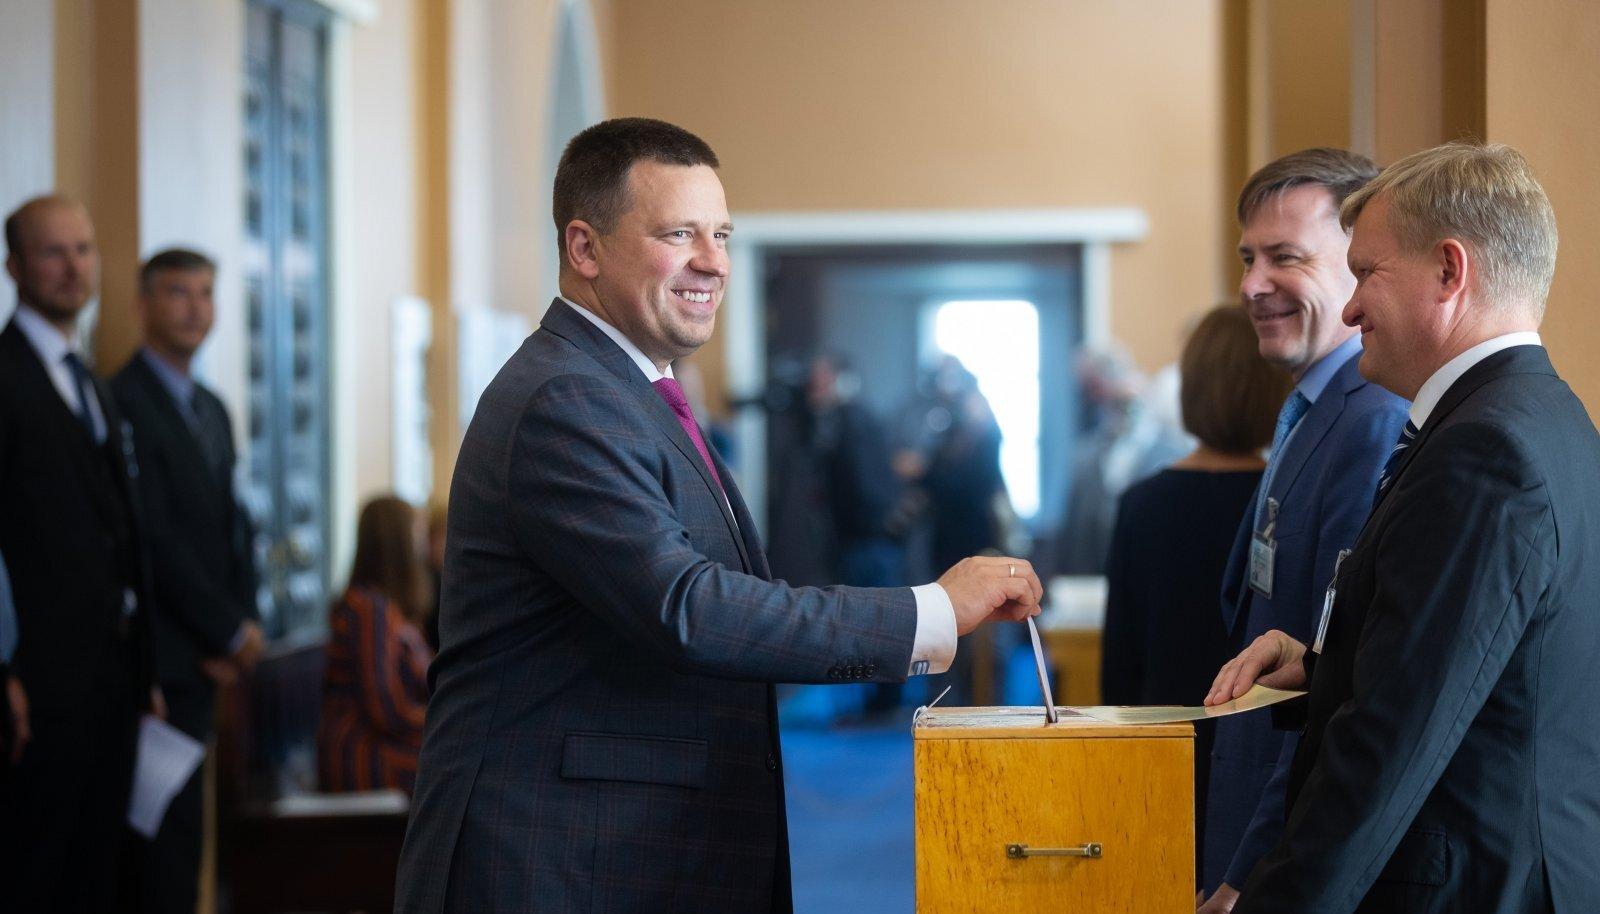 Trall presidendivalimiste ümber parteijuhtide toetusele erilist mõju ei avaldanud ning Jüri Ratas (keskel) on endiselt eelistatuim peaministrikandidaat.